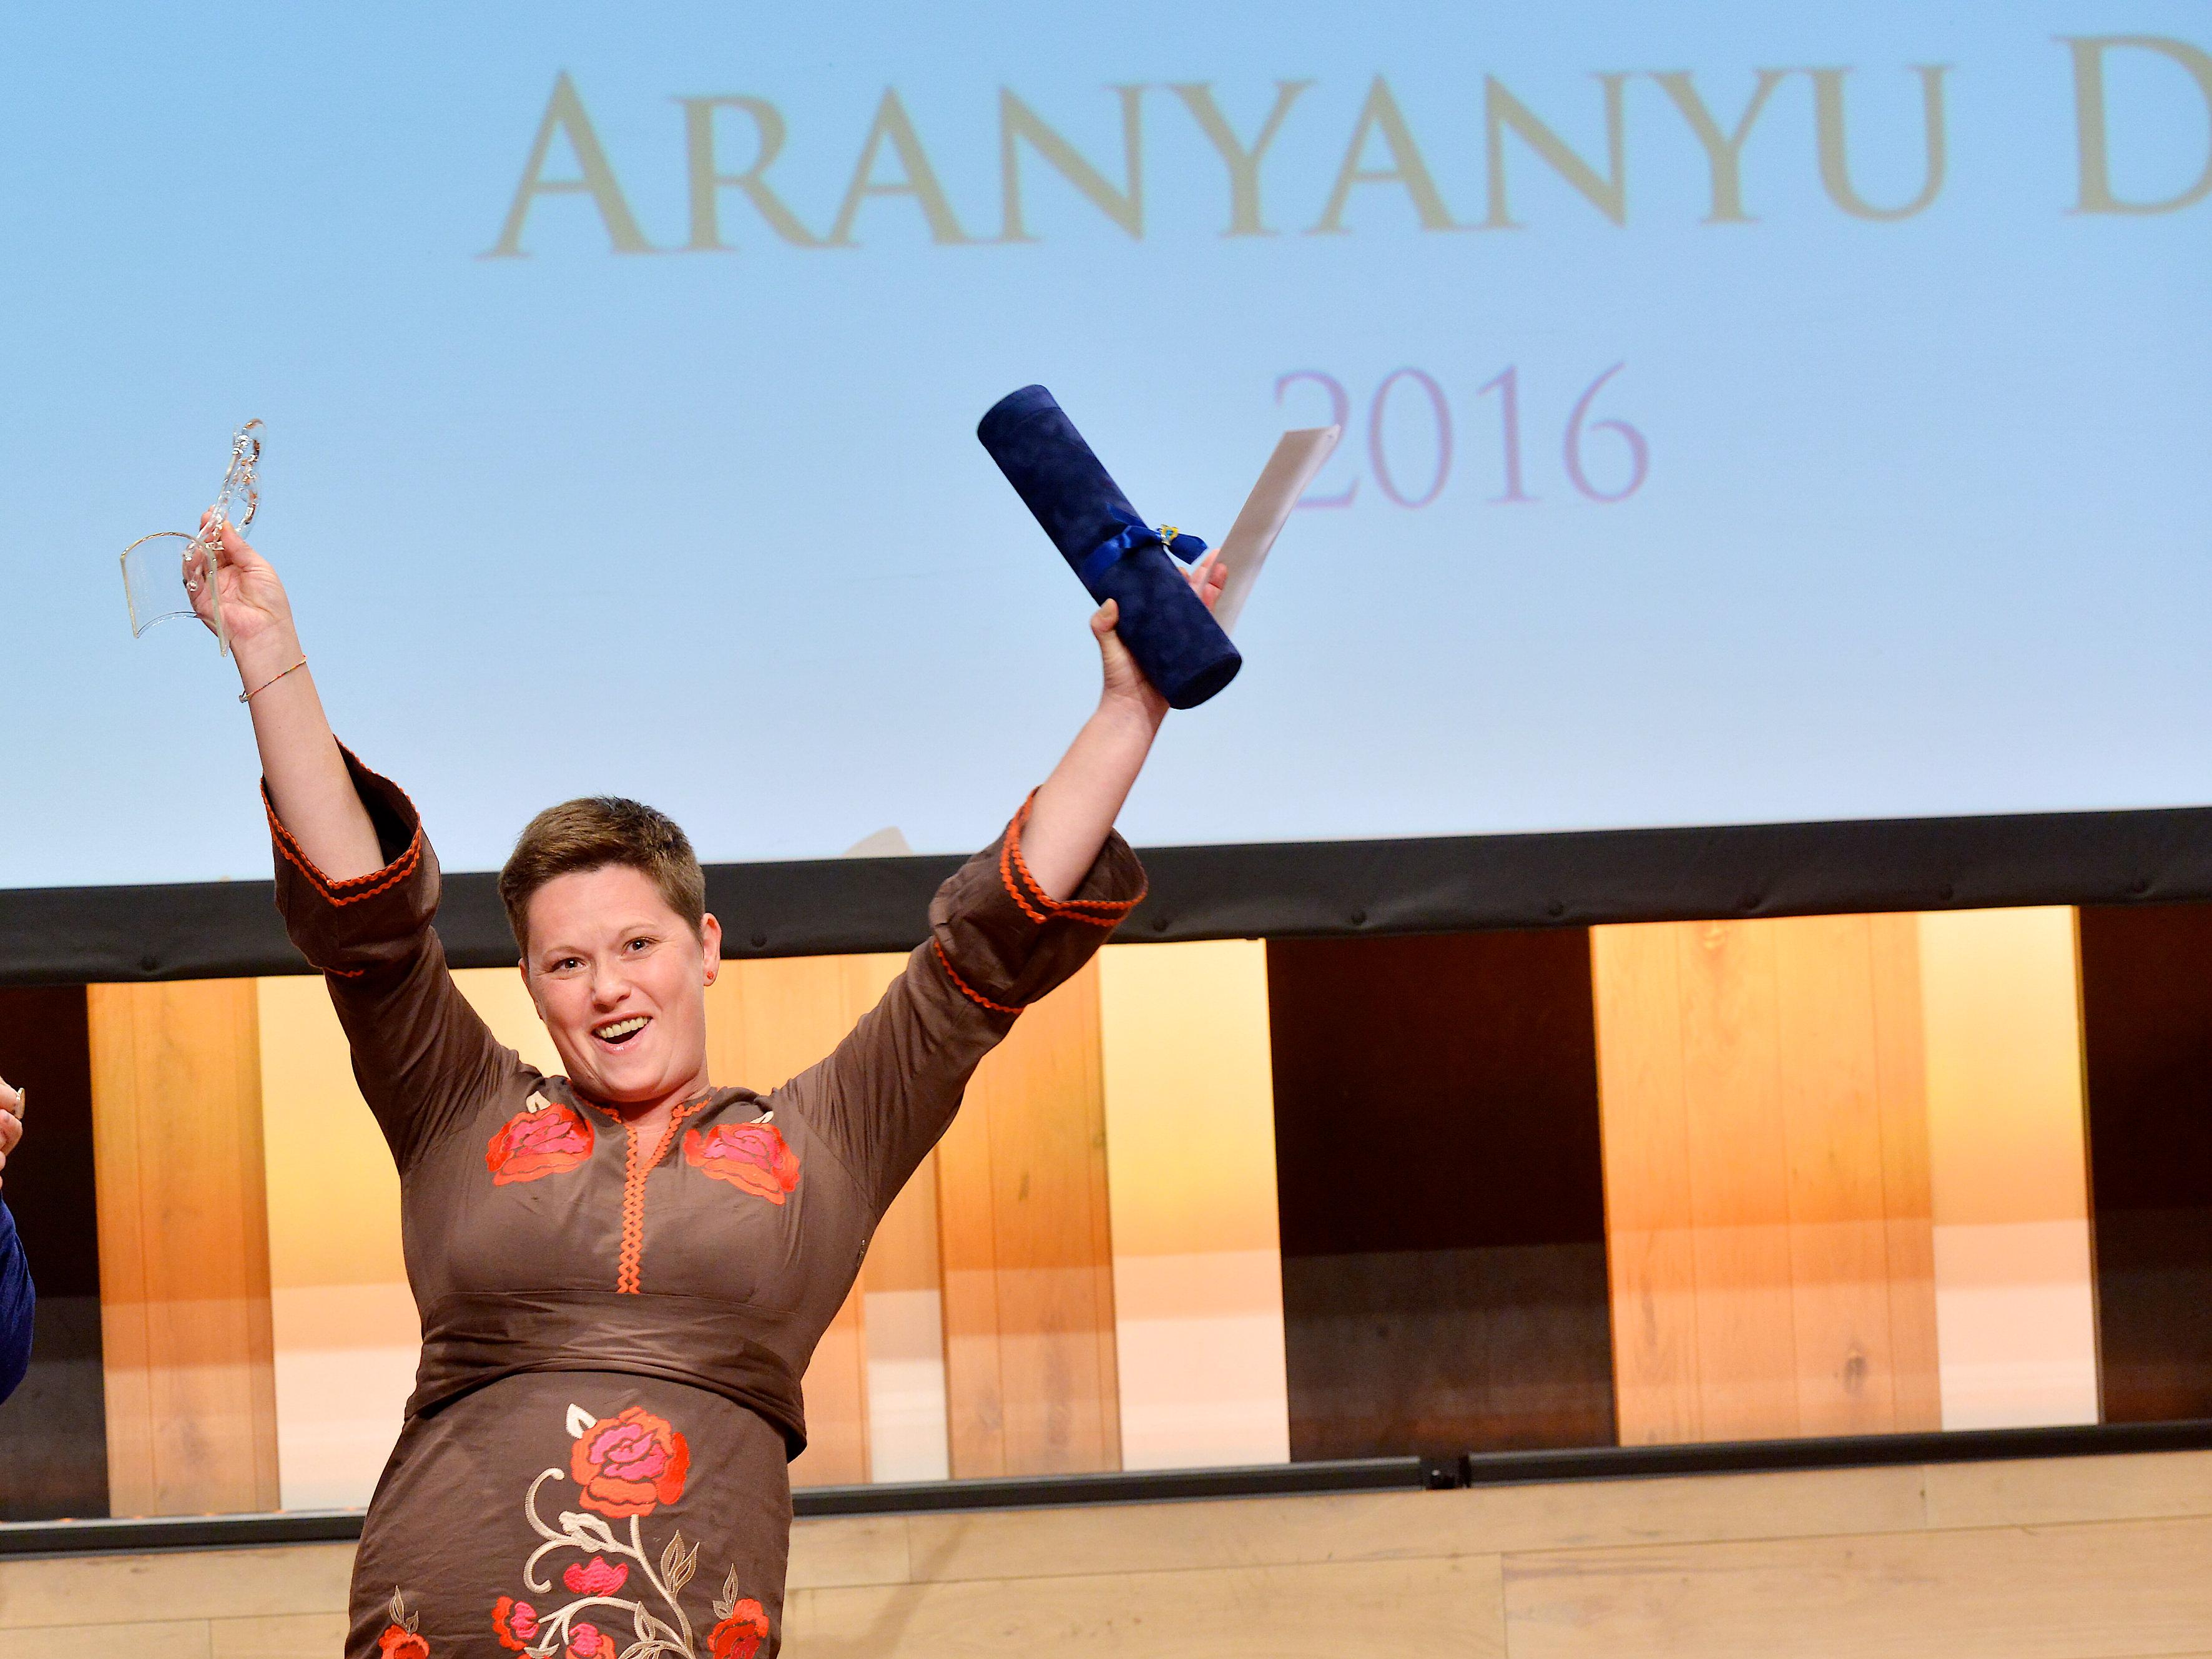 Kovács Nikoletta Aranyanyu